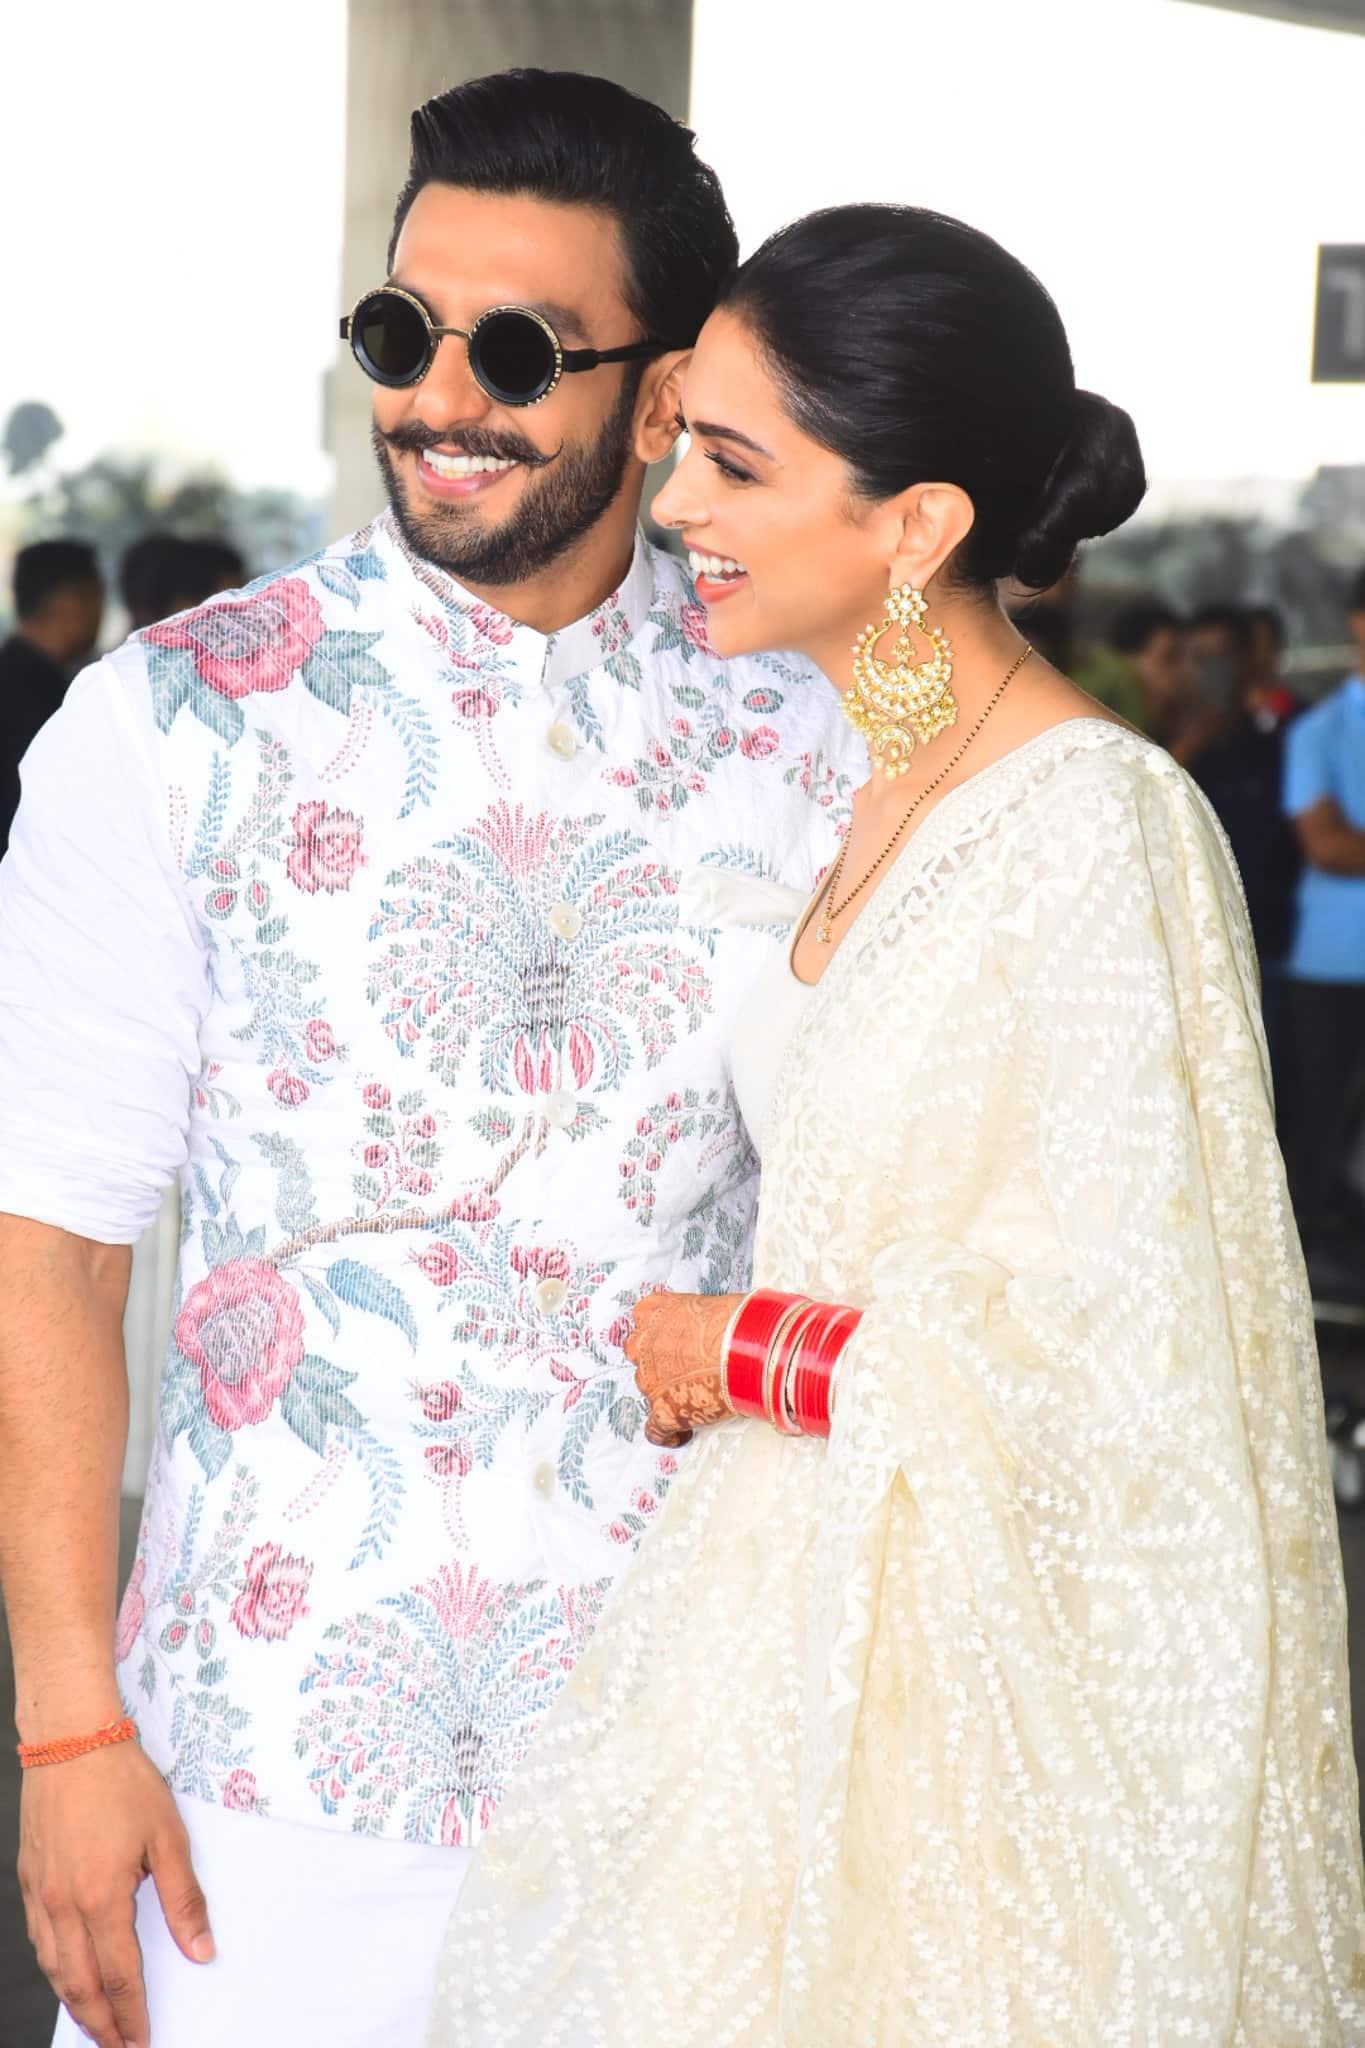 DeepVeer Wedding: दीपिका और रणवीर हुए बैंगलुरू के लिए रवाना, 21 नवम्बर को है पहला रिसेप्शन !